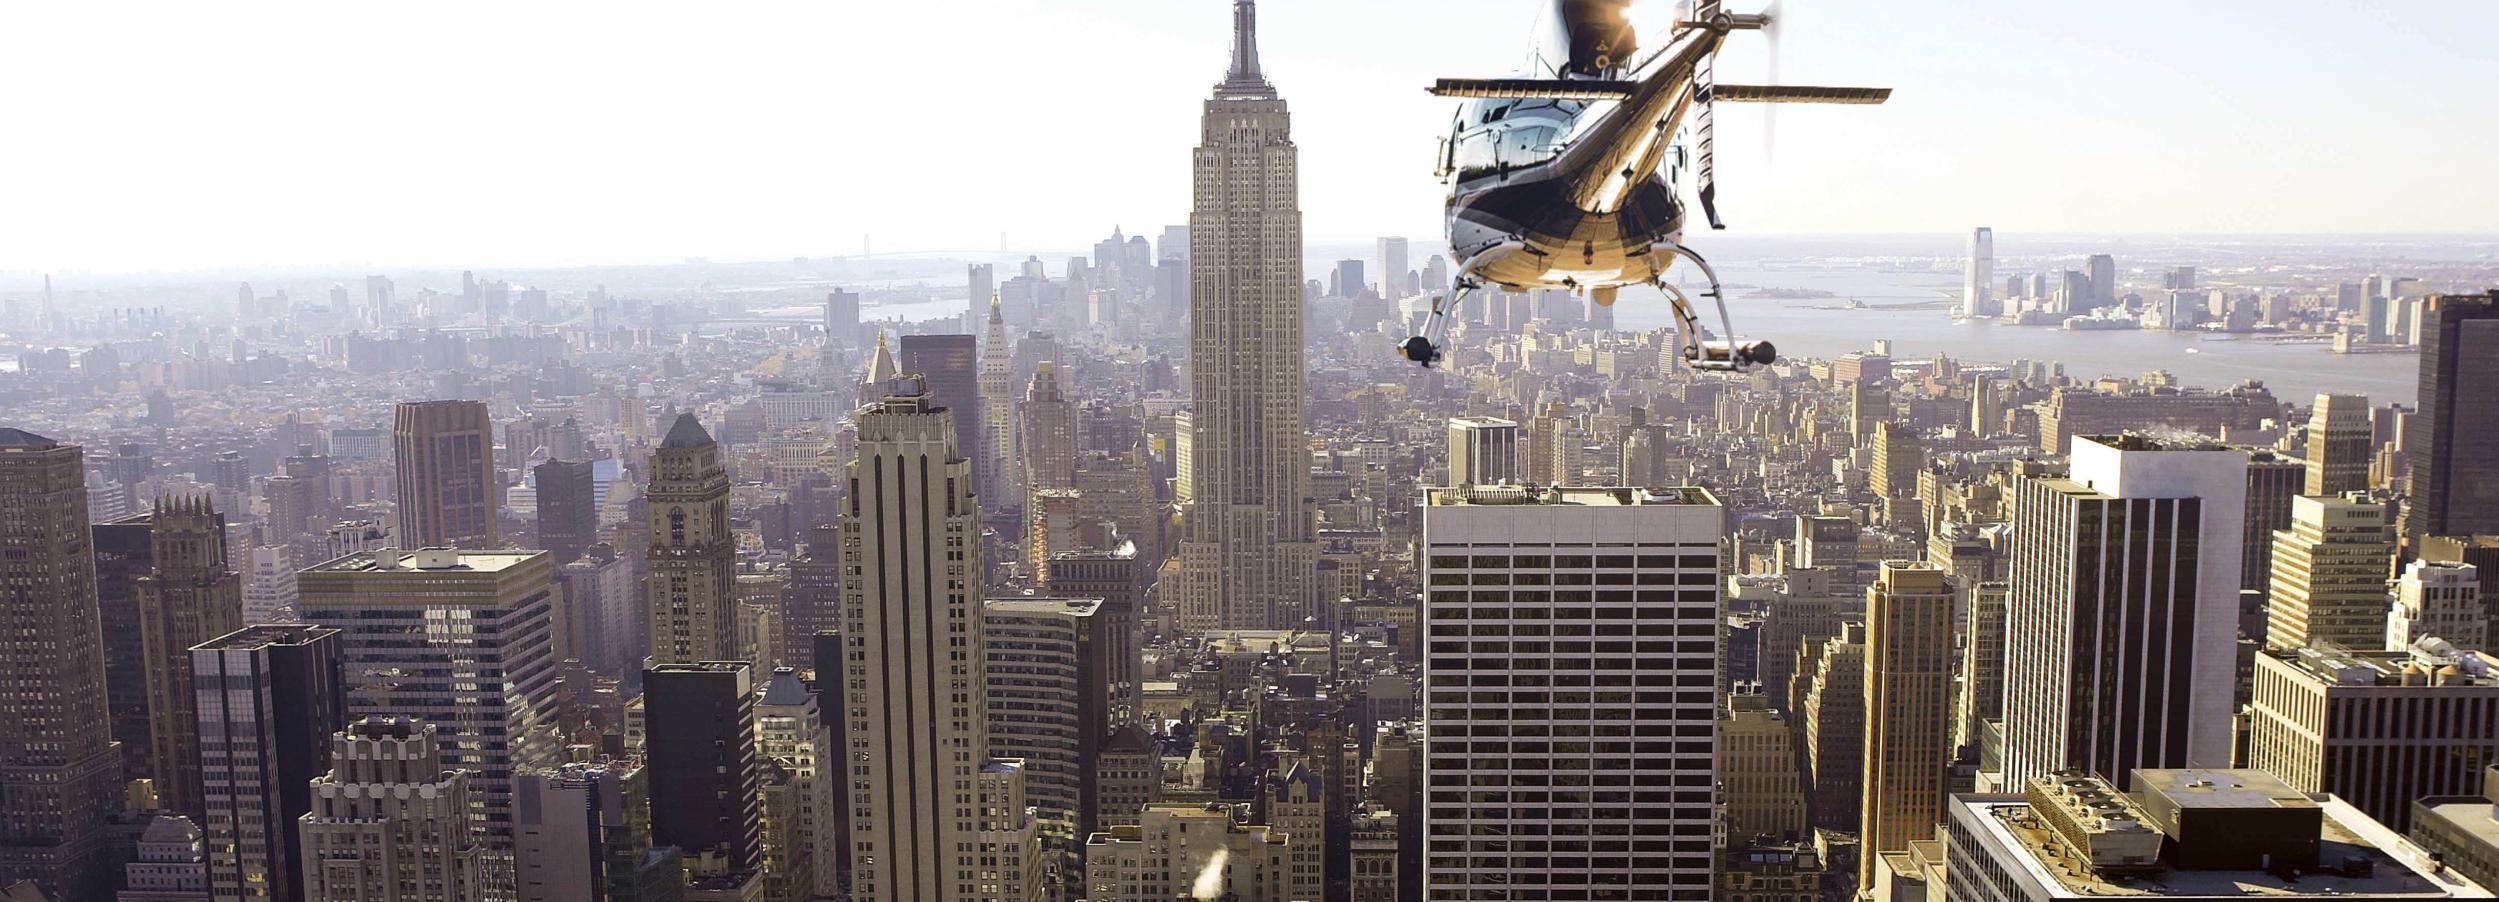 ニューヨーク シティ:プライベート ヘリコプター フライト